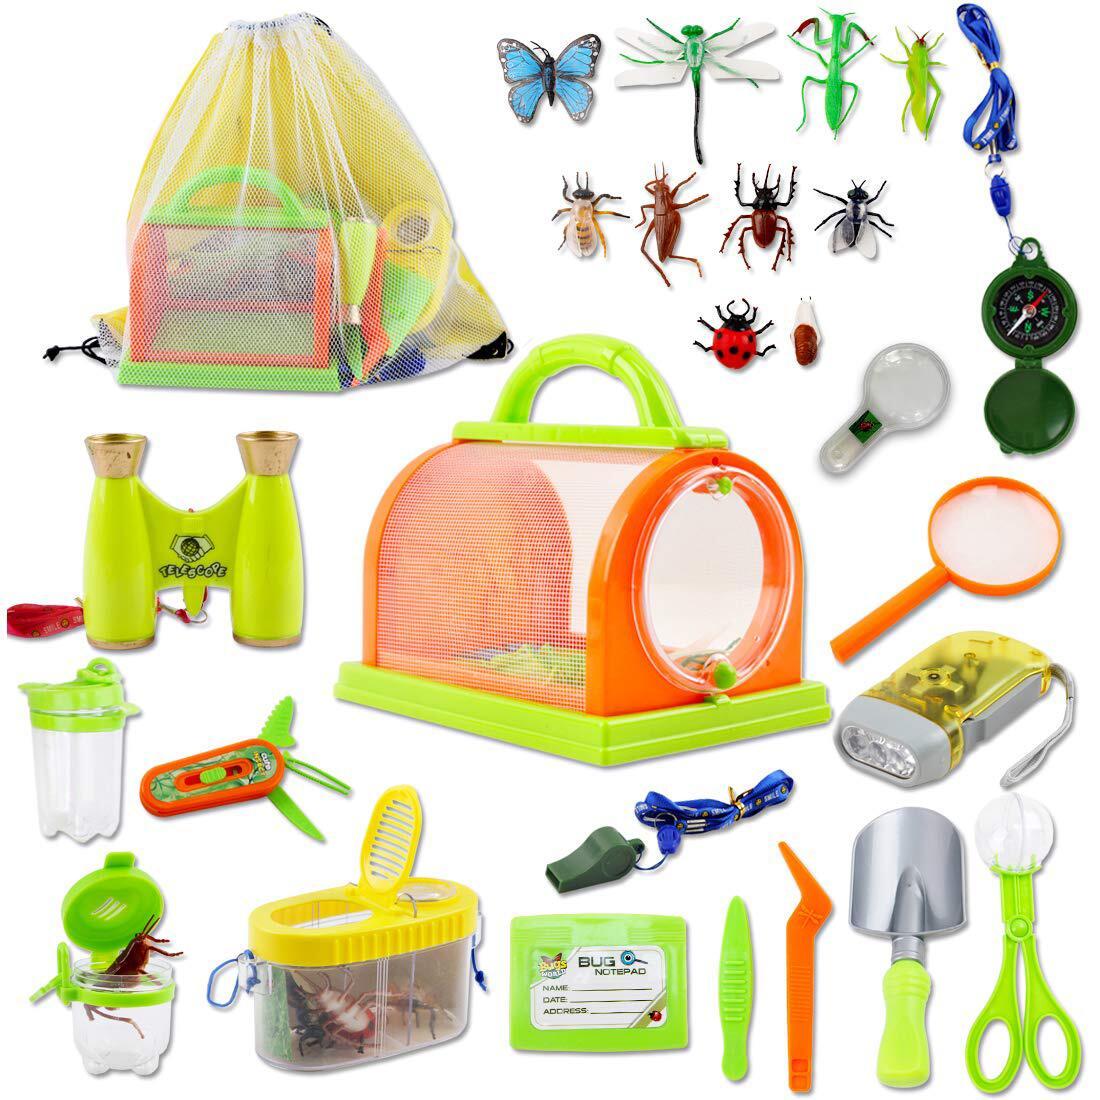 Bild zu outdoor, kinder, ausstattung, kleidung, matschhose, spielzeug, regenhose, thermo, herbst